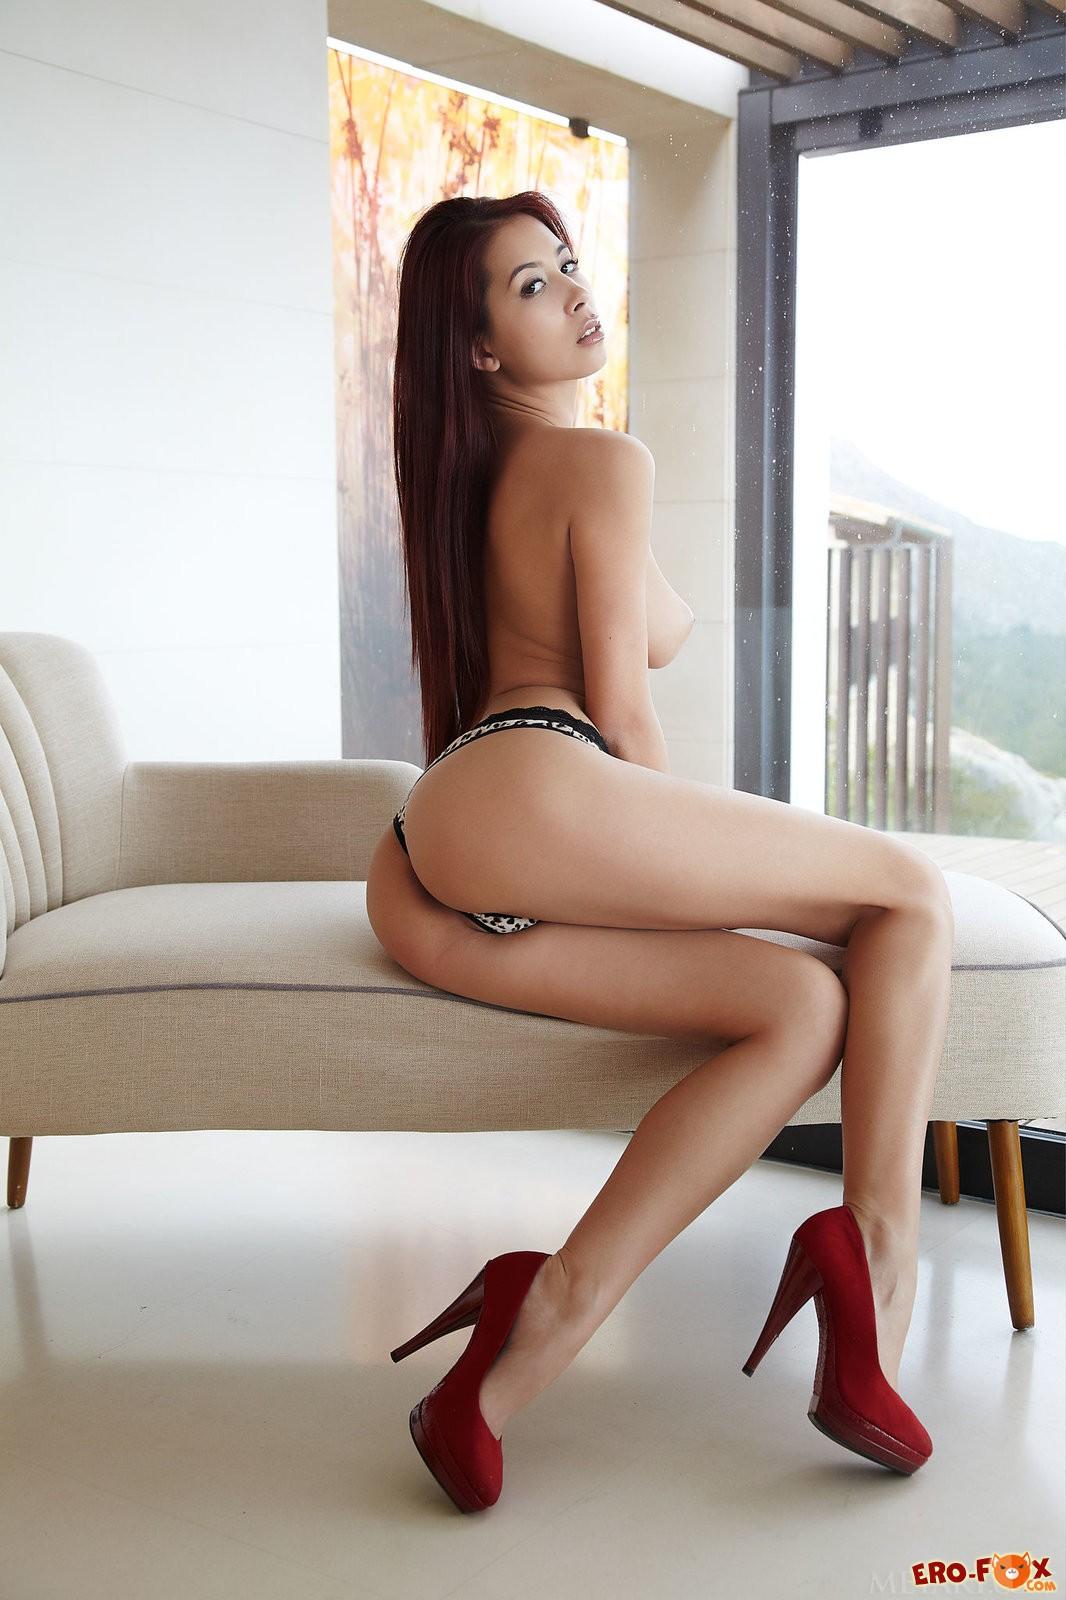 Азиатка показывает киску крупным планом .